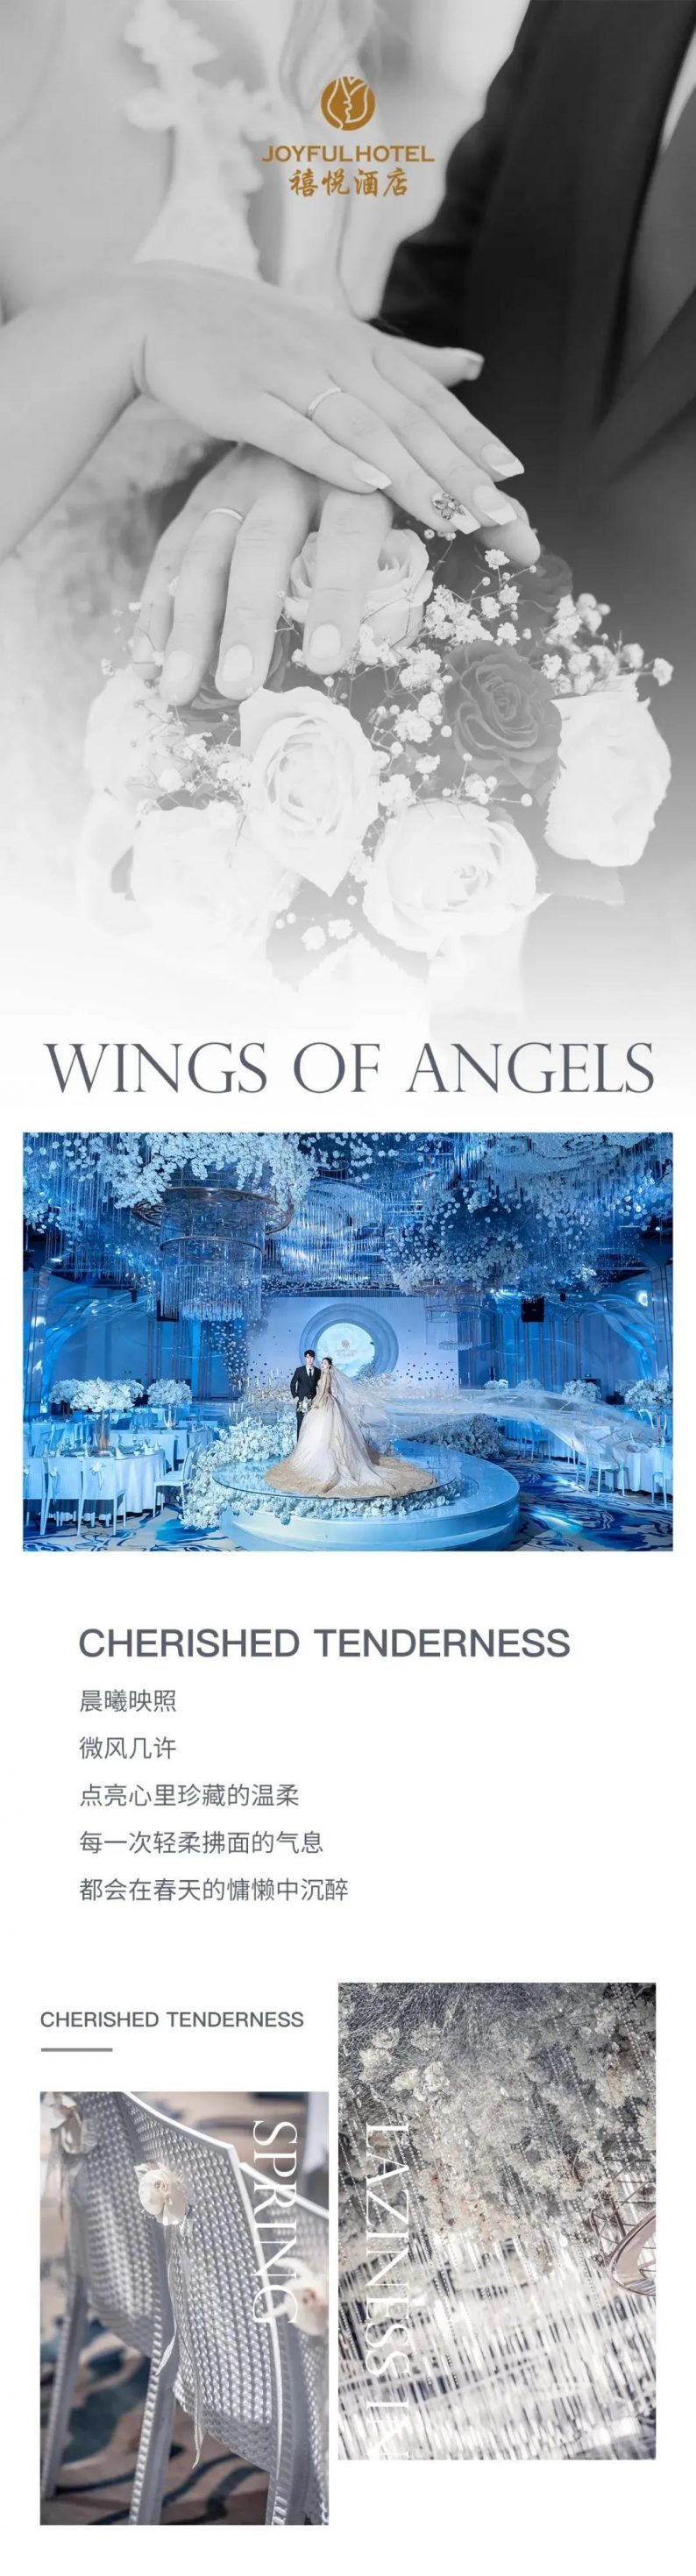 婚礼堂发布:禧悦酒店全新发布——天使之翼  第1张